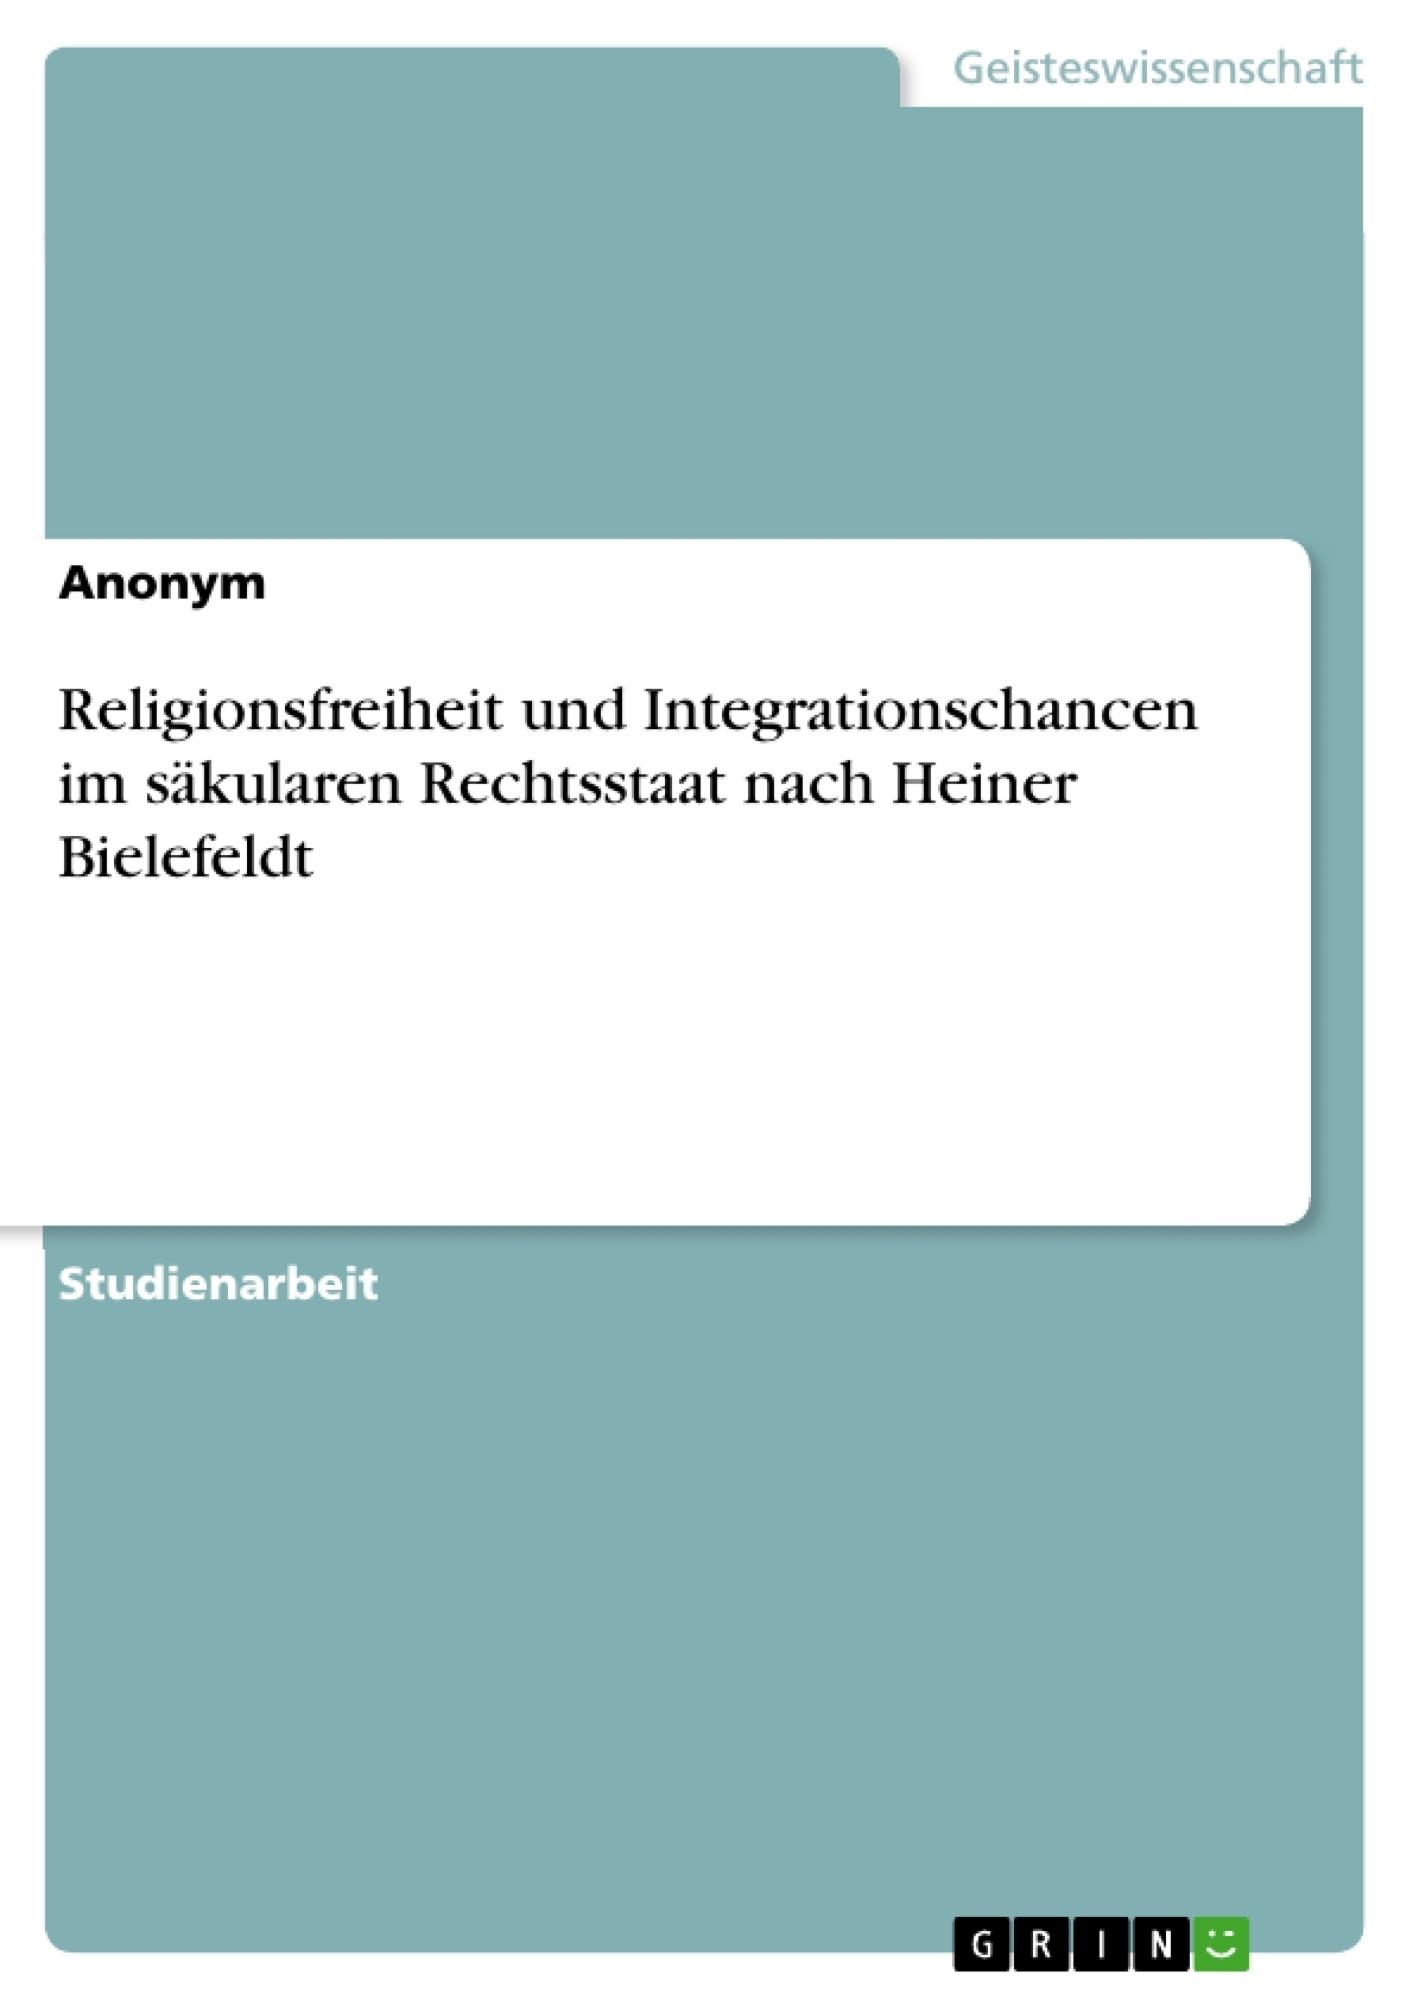 Titel: Religionsfreiheit und Integrationschancen im säkularen Rechtsstaat nach Heiner Bielefeldt